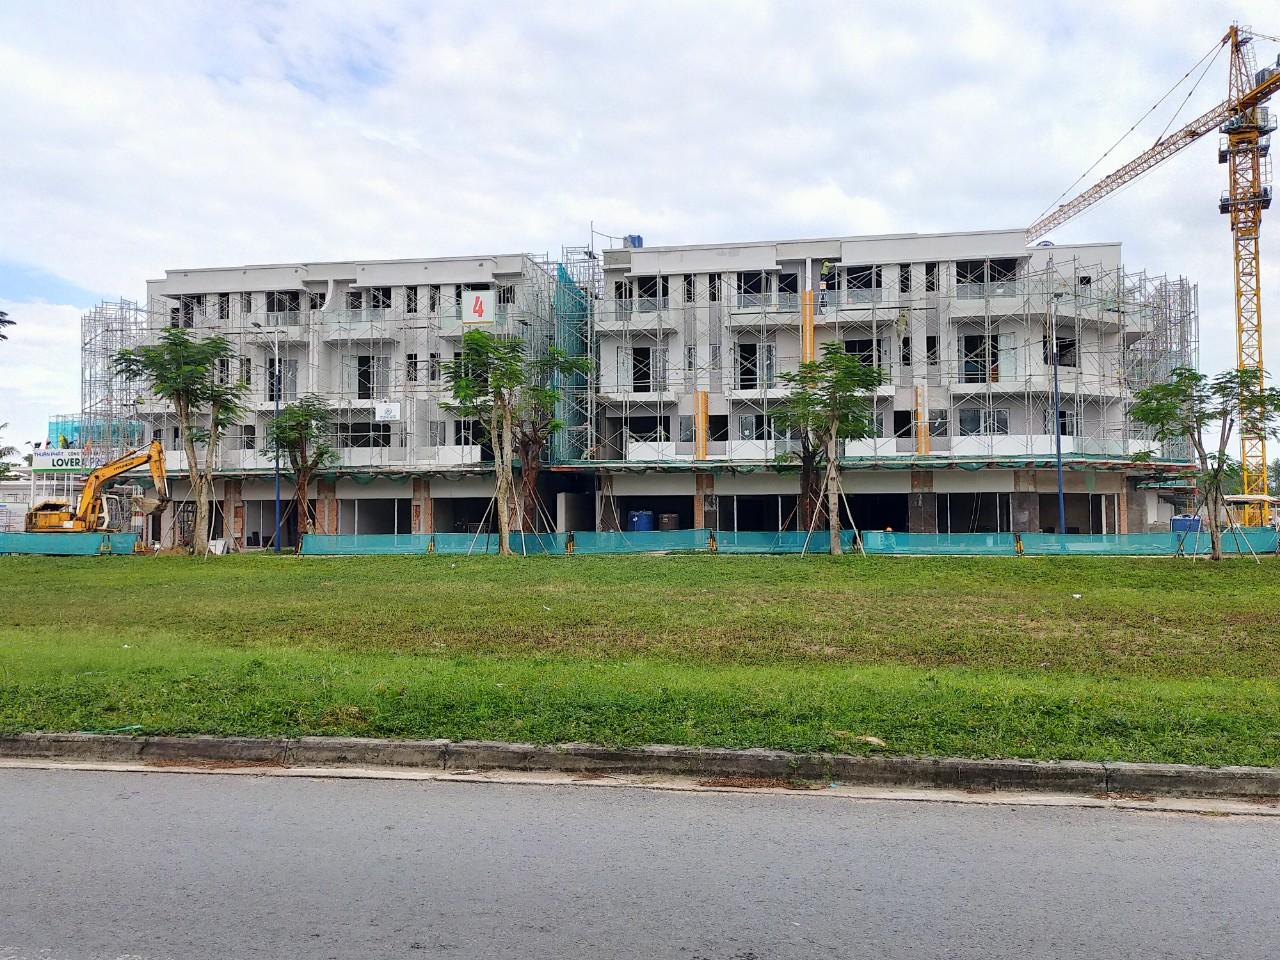 Tiến độ thần tốc của dự án nhà phố Lovera Premier Khang Điền Bình Chánh Phong Phú 4